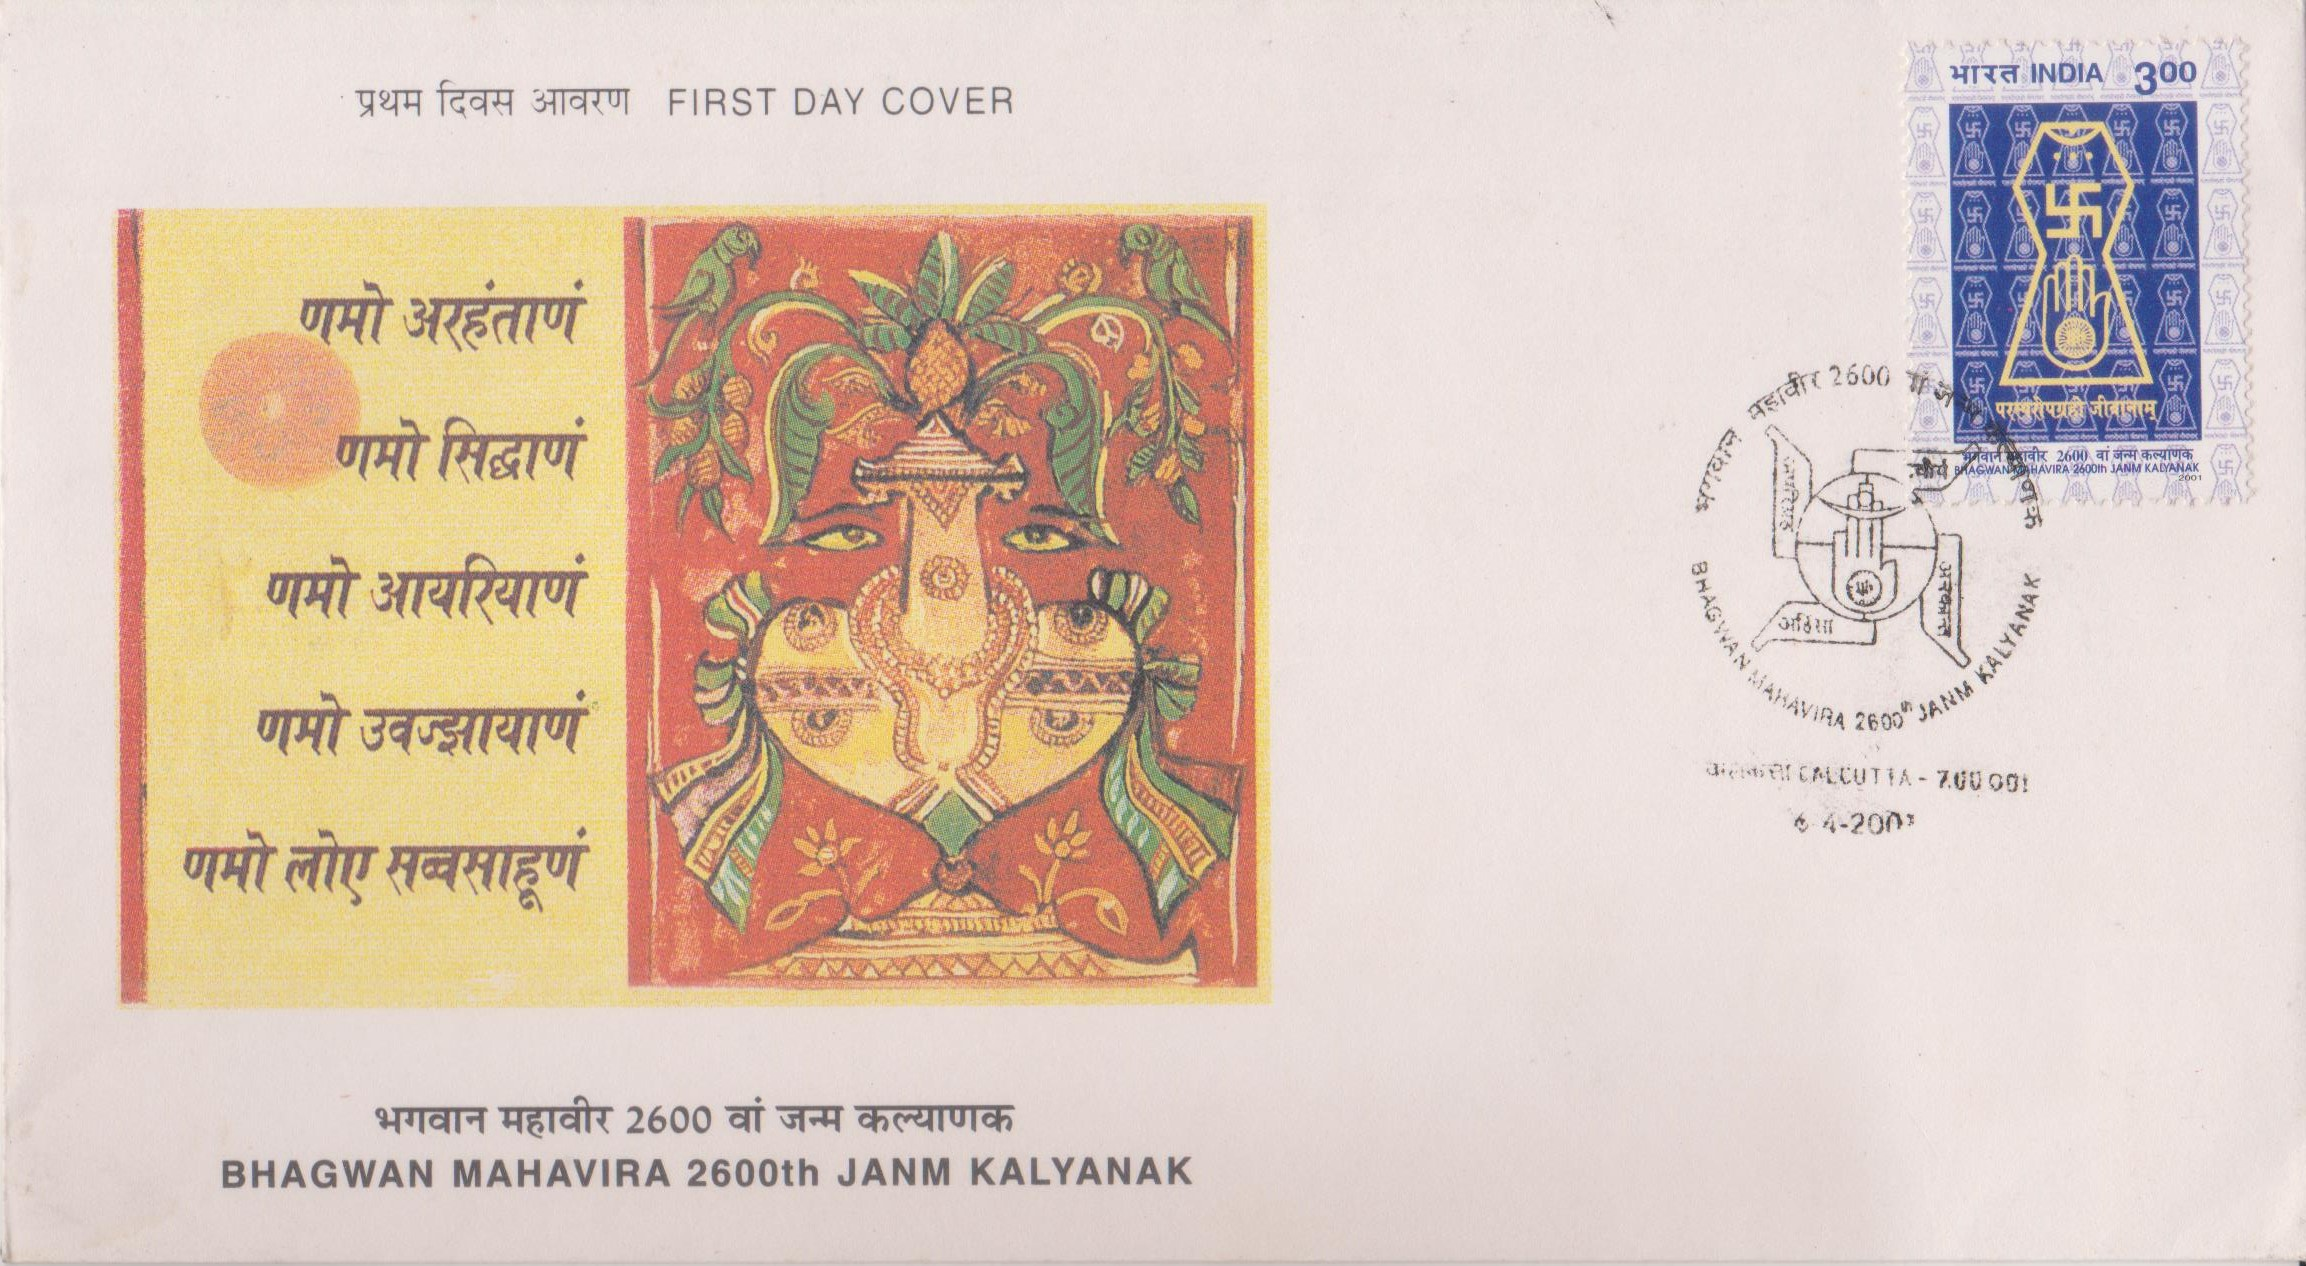 Jain Tirthankara Ativir Vardhaman